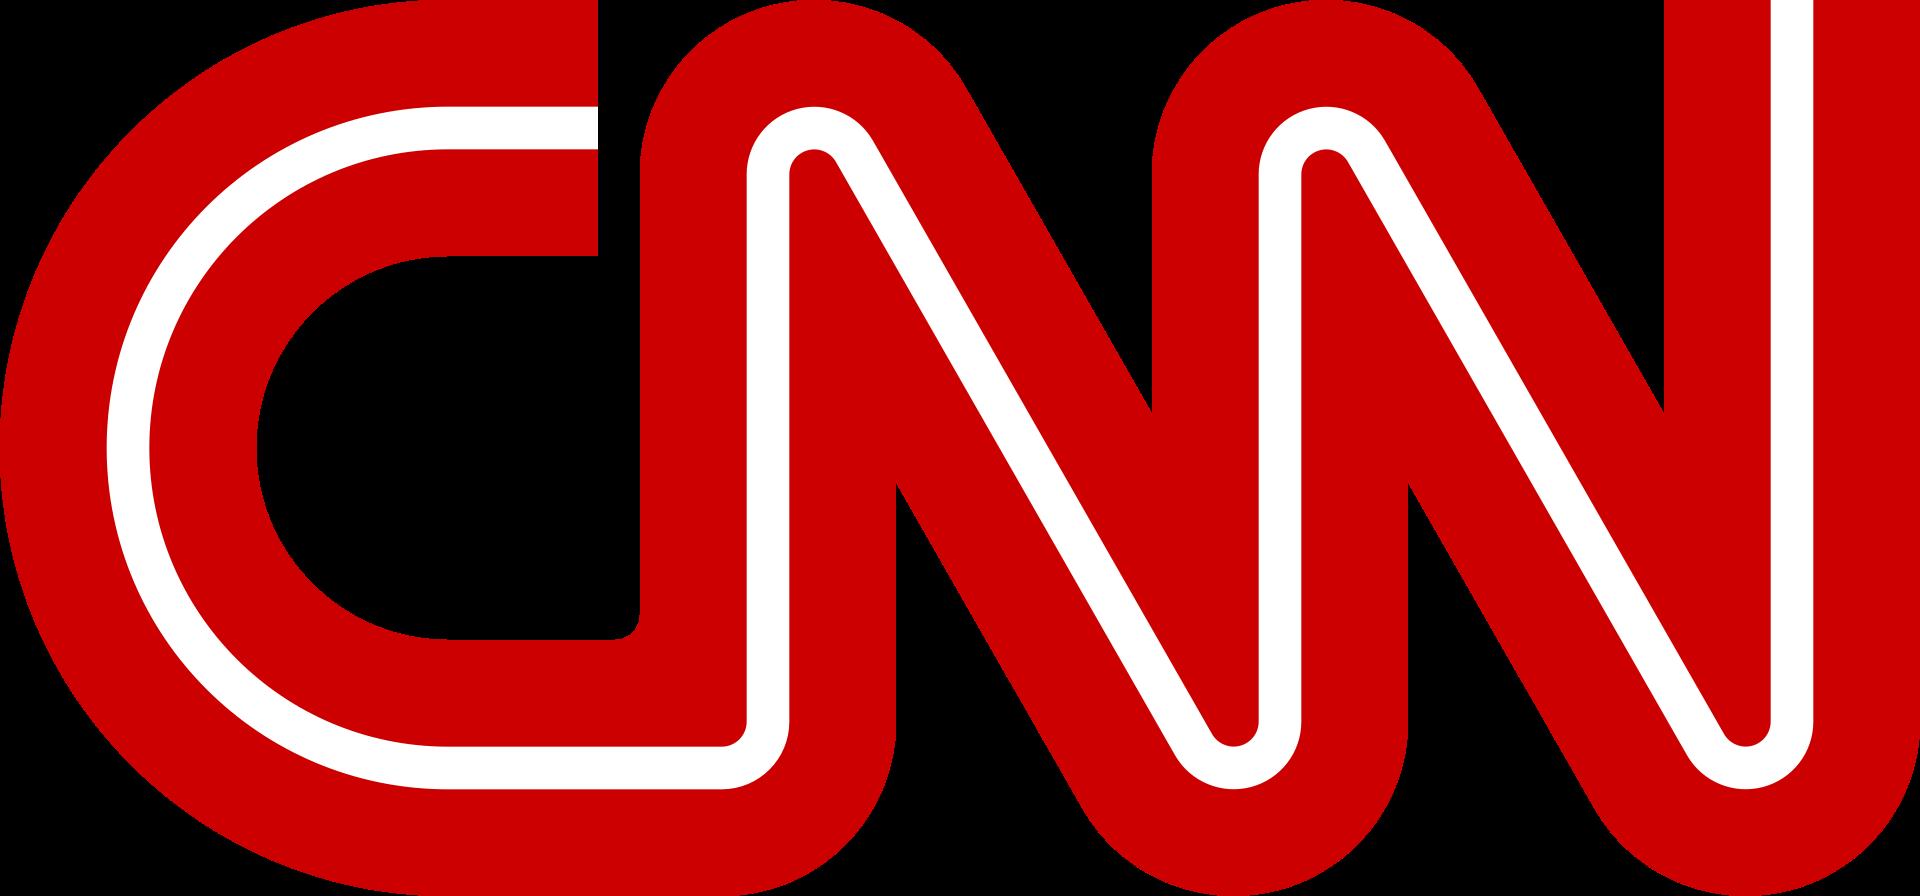 CNN.com